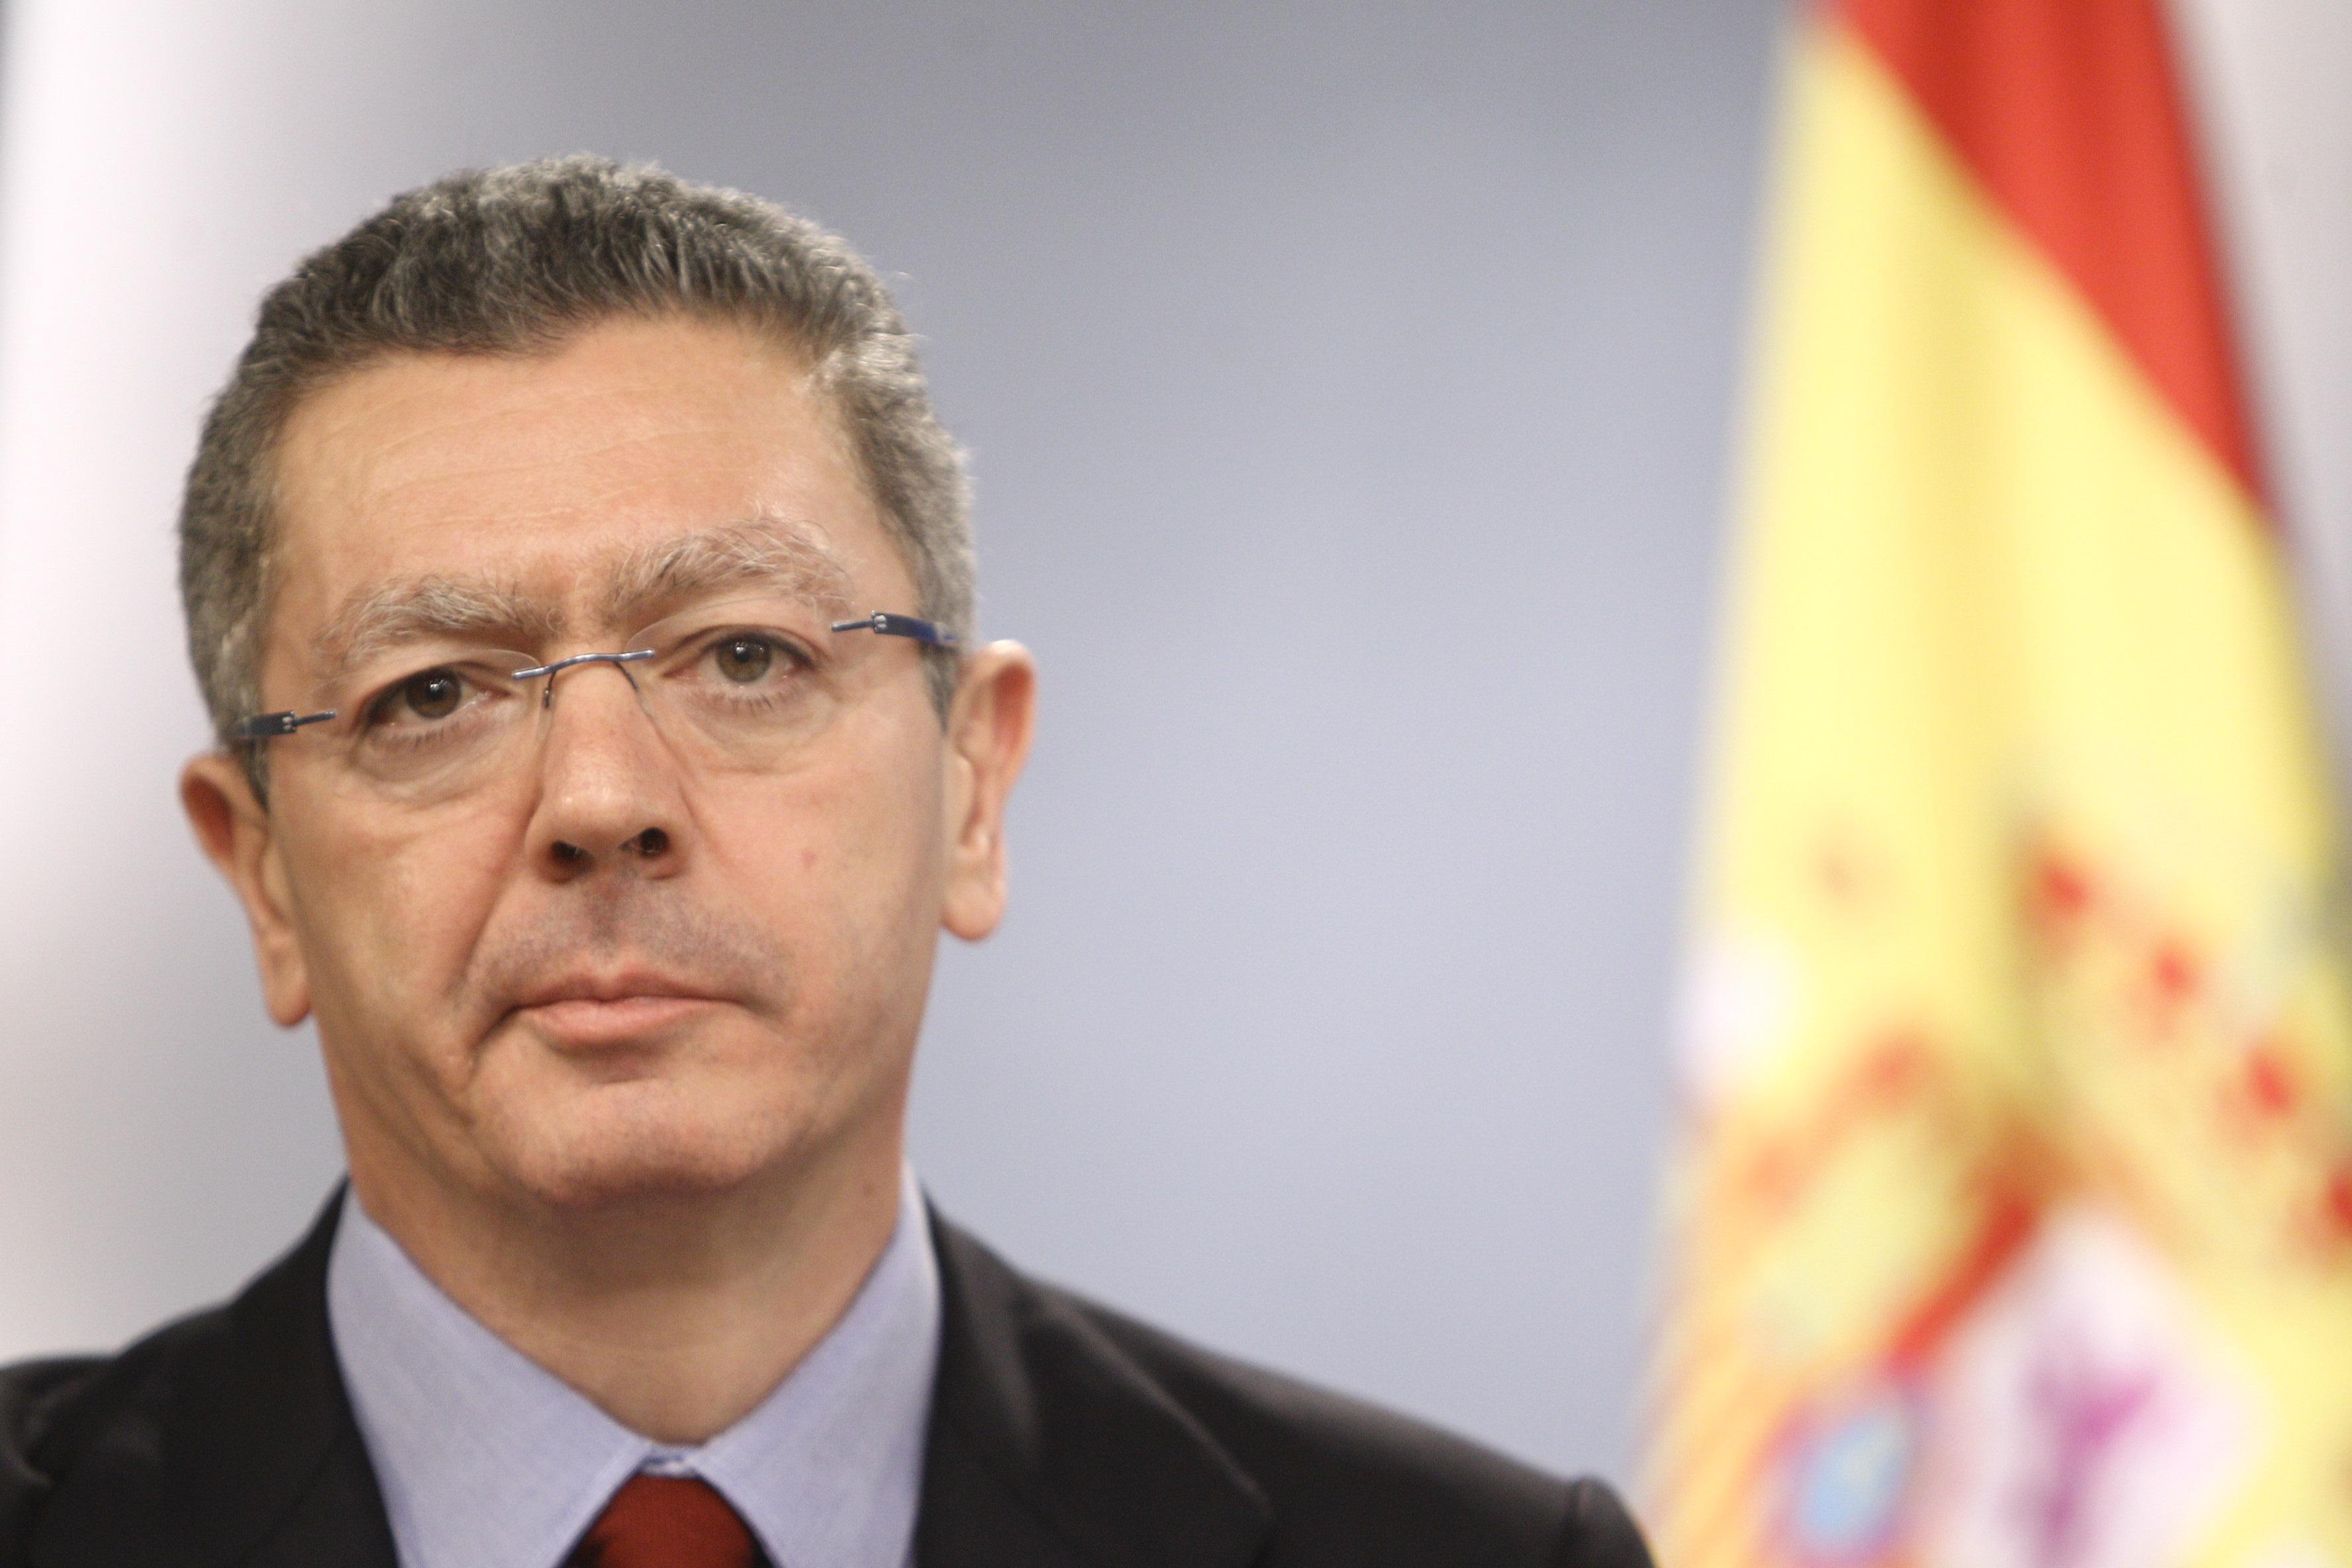 Gallardón avisa que están «vigilantes» con Bildu y dice que los tribunales ya han marcado unas líneas «severas» con ANV